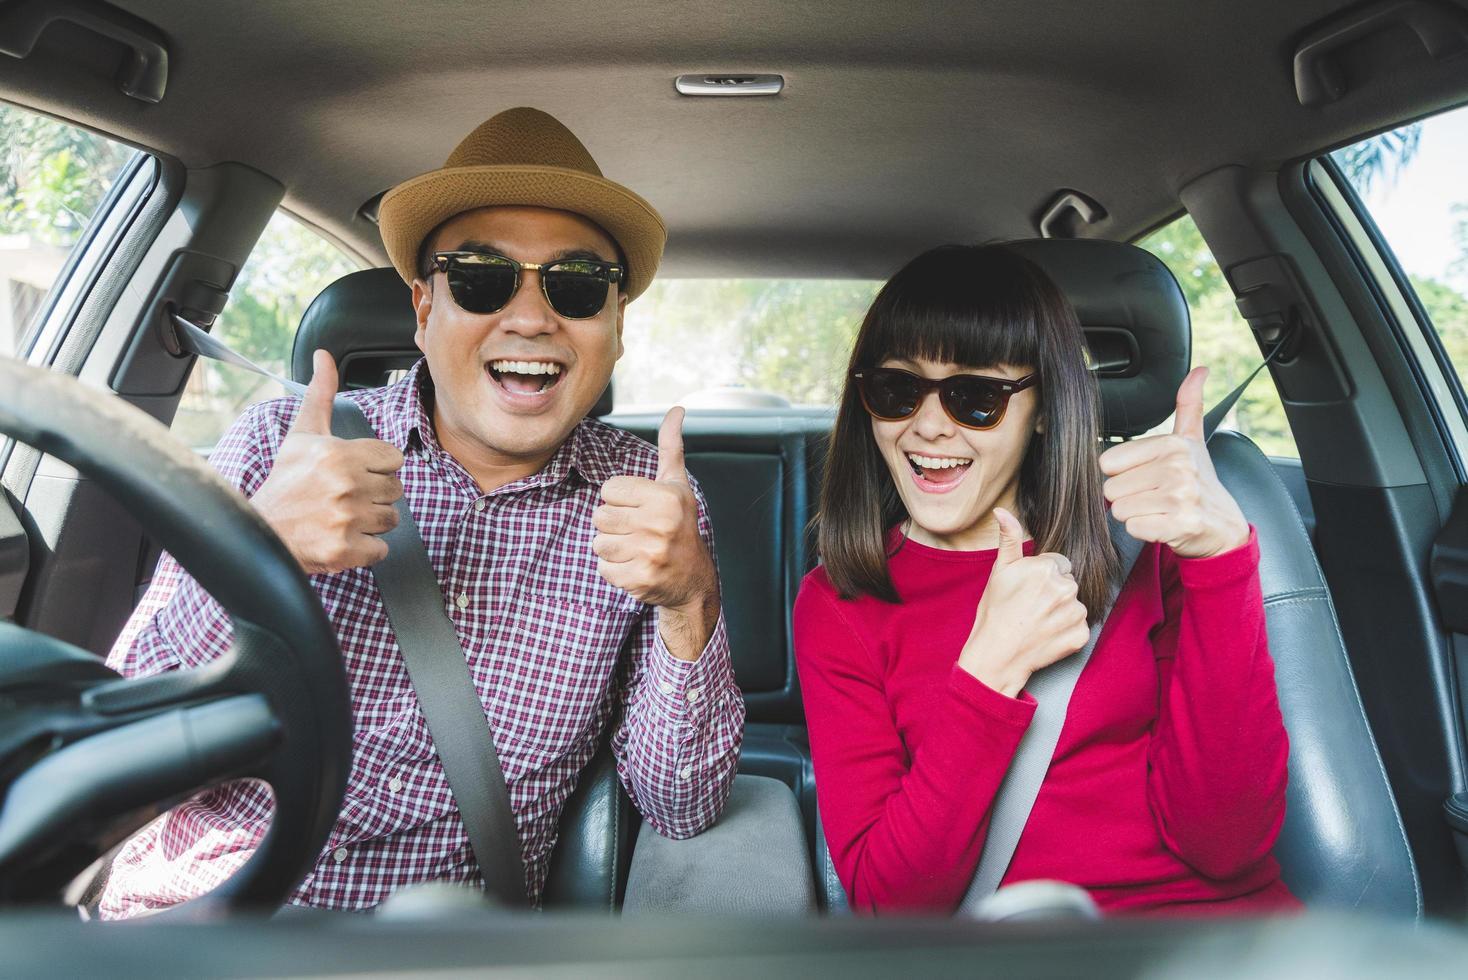 Mann und Frau geben im Auto die Daumen auf foto